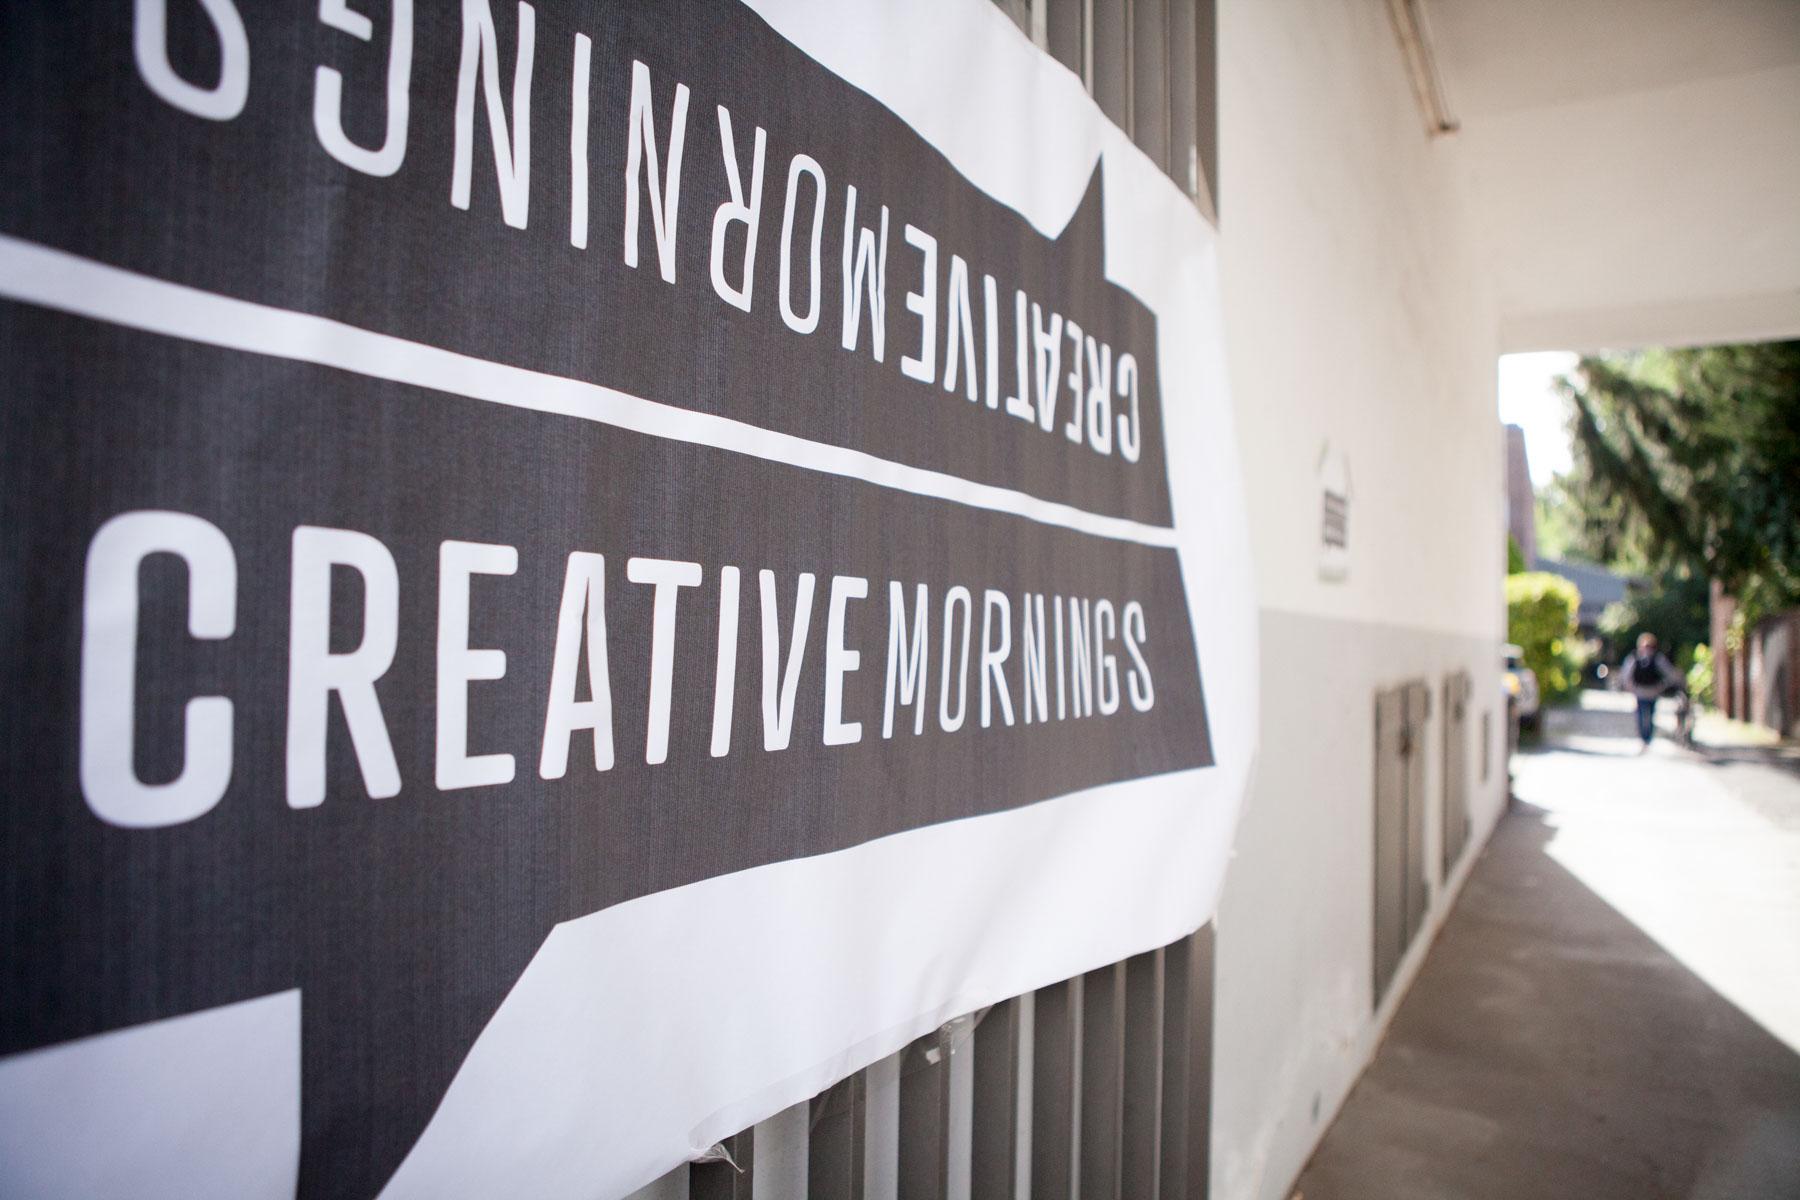 creative mornings köln vortrag frühstück enno digital ulli Killberth schild dom jörn strojny